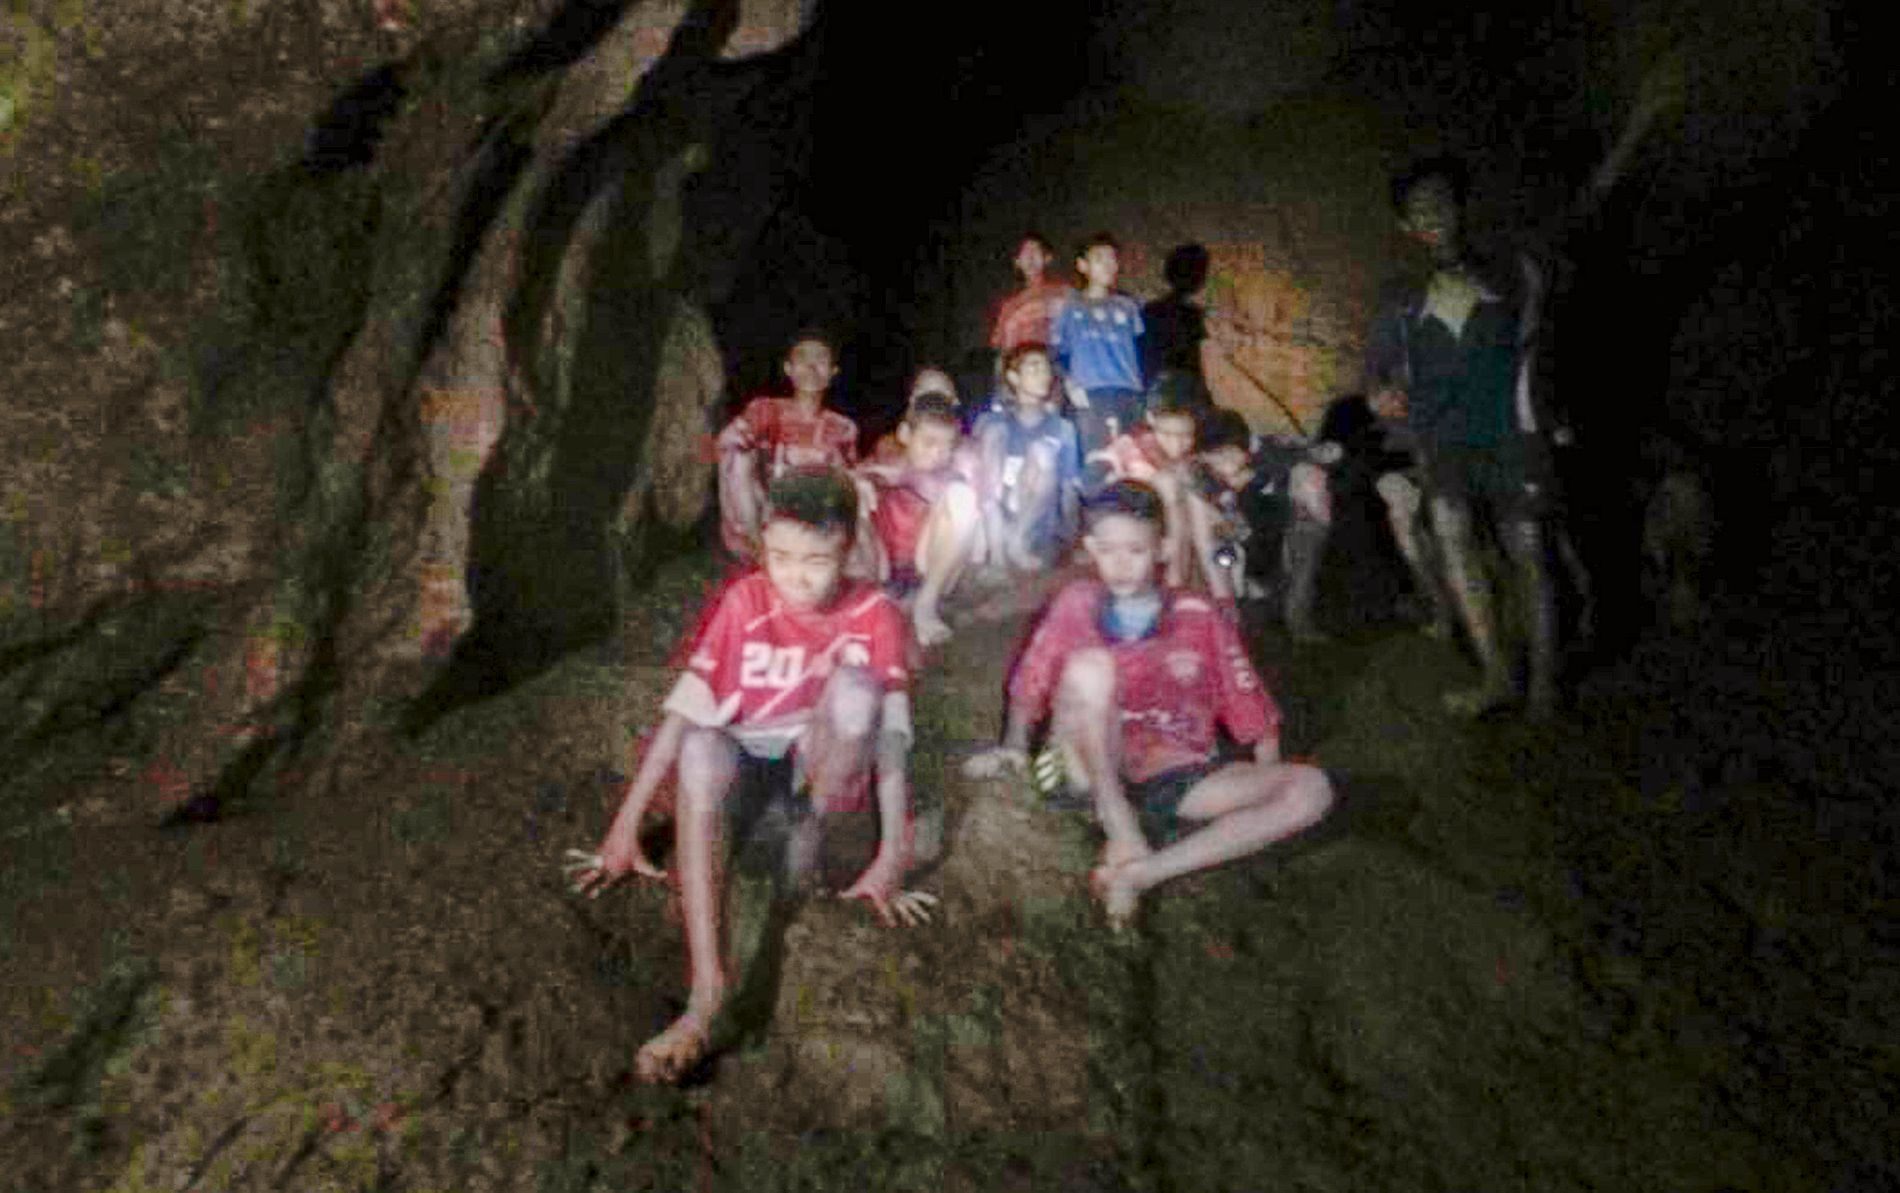 FIRE REDDET UT: Etter 16 dager har fire av de totalt 13 personene blitt reddet ut fra Tham Luang Nang Non-grotten. Mandag fortsetter redningsaksjonen.